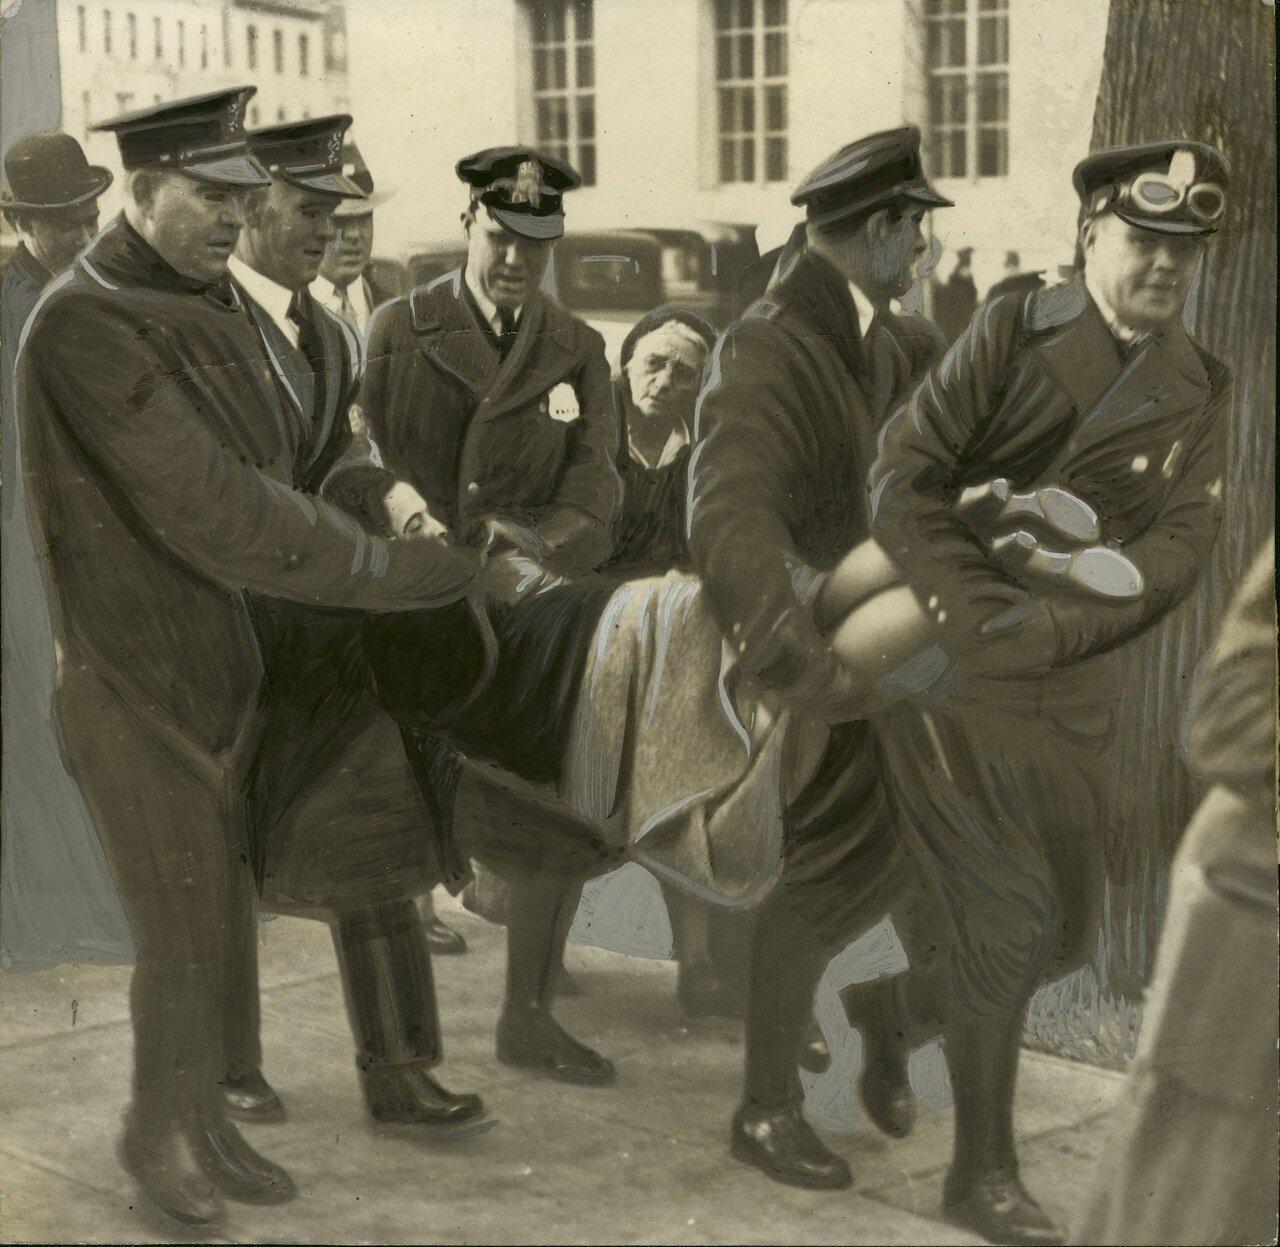 1932. Гертруду Хесслер арестовывают во время голодного марша в Вашингтоне